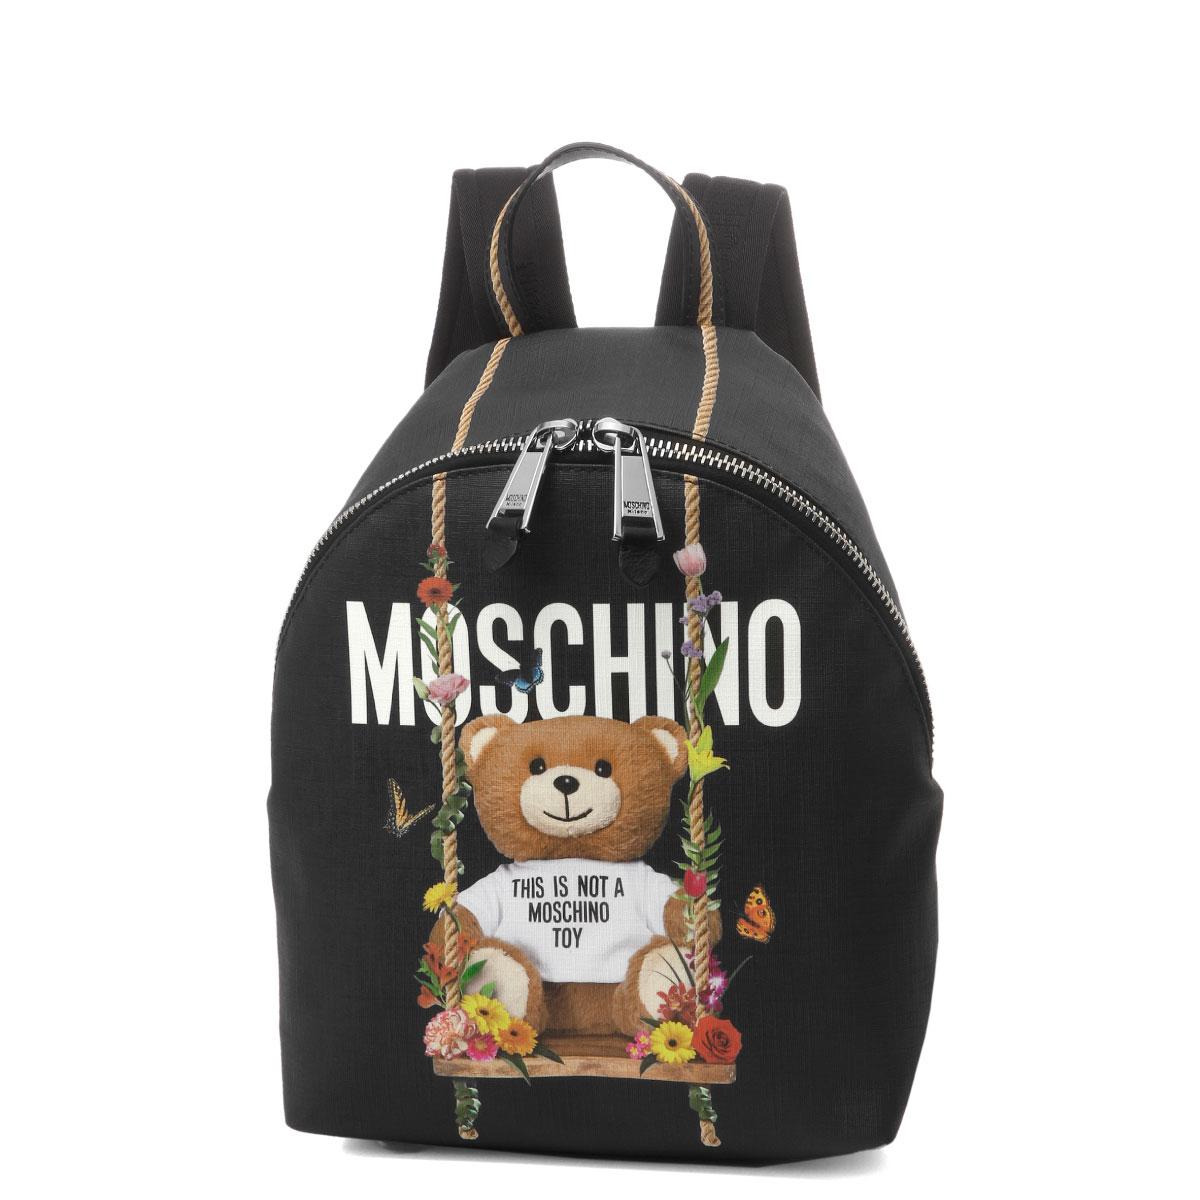 モスキーノ MOSCHINO バッグ レディース 7636 8210 2555 バックパック BLACK ブラック